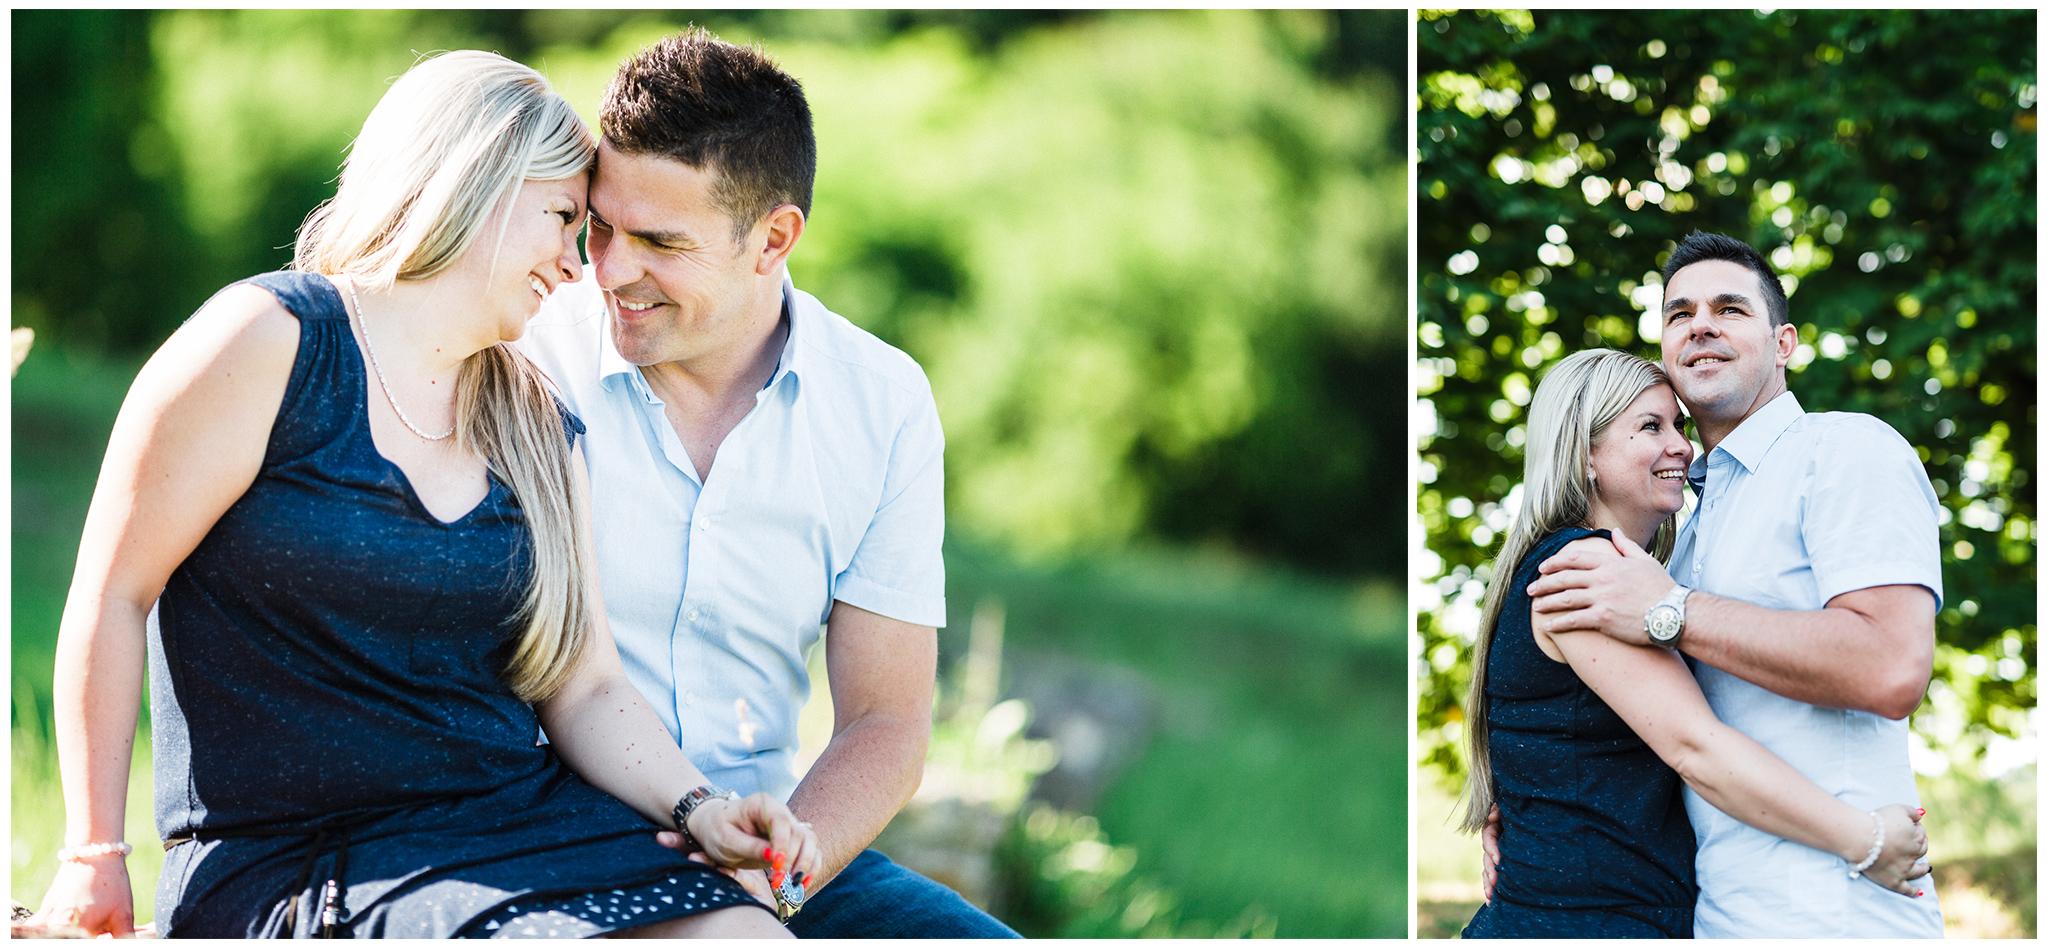 MONT_FylepPhoto, Esküvőfotós Vasmegye, Esküvő fotózás, Esküvői fotós, Körmend, Vas megye, Dunántúl, Budapest, Balaton, Fülöp Péter, Jegyes fotózás, jegyesfotó_Barb&Zoli,2018_10.jpg